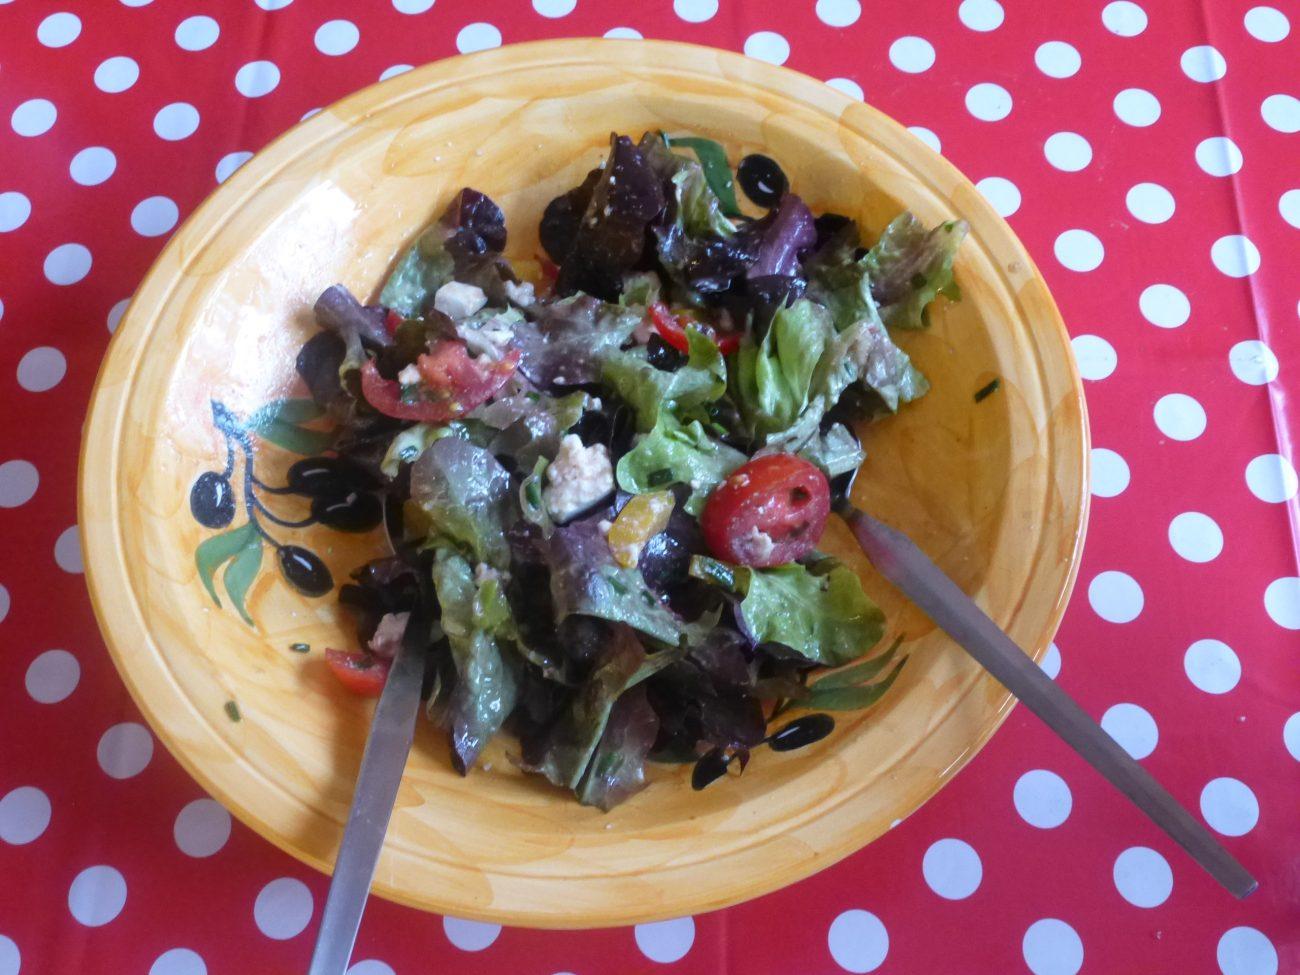 Salatdressing mit Monschauer Senf